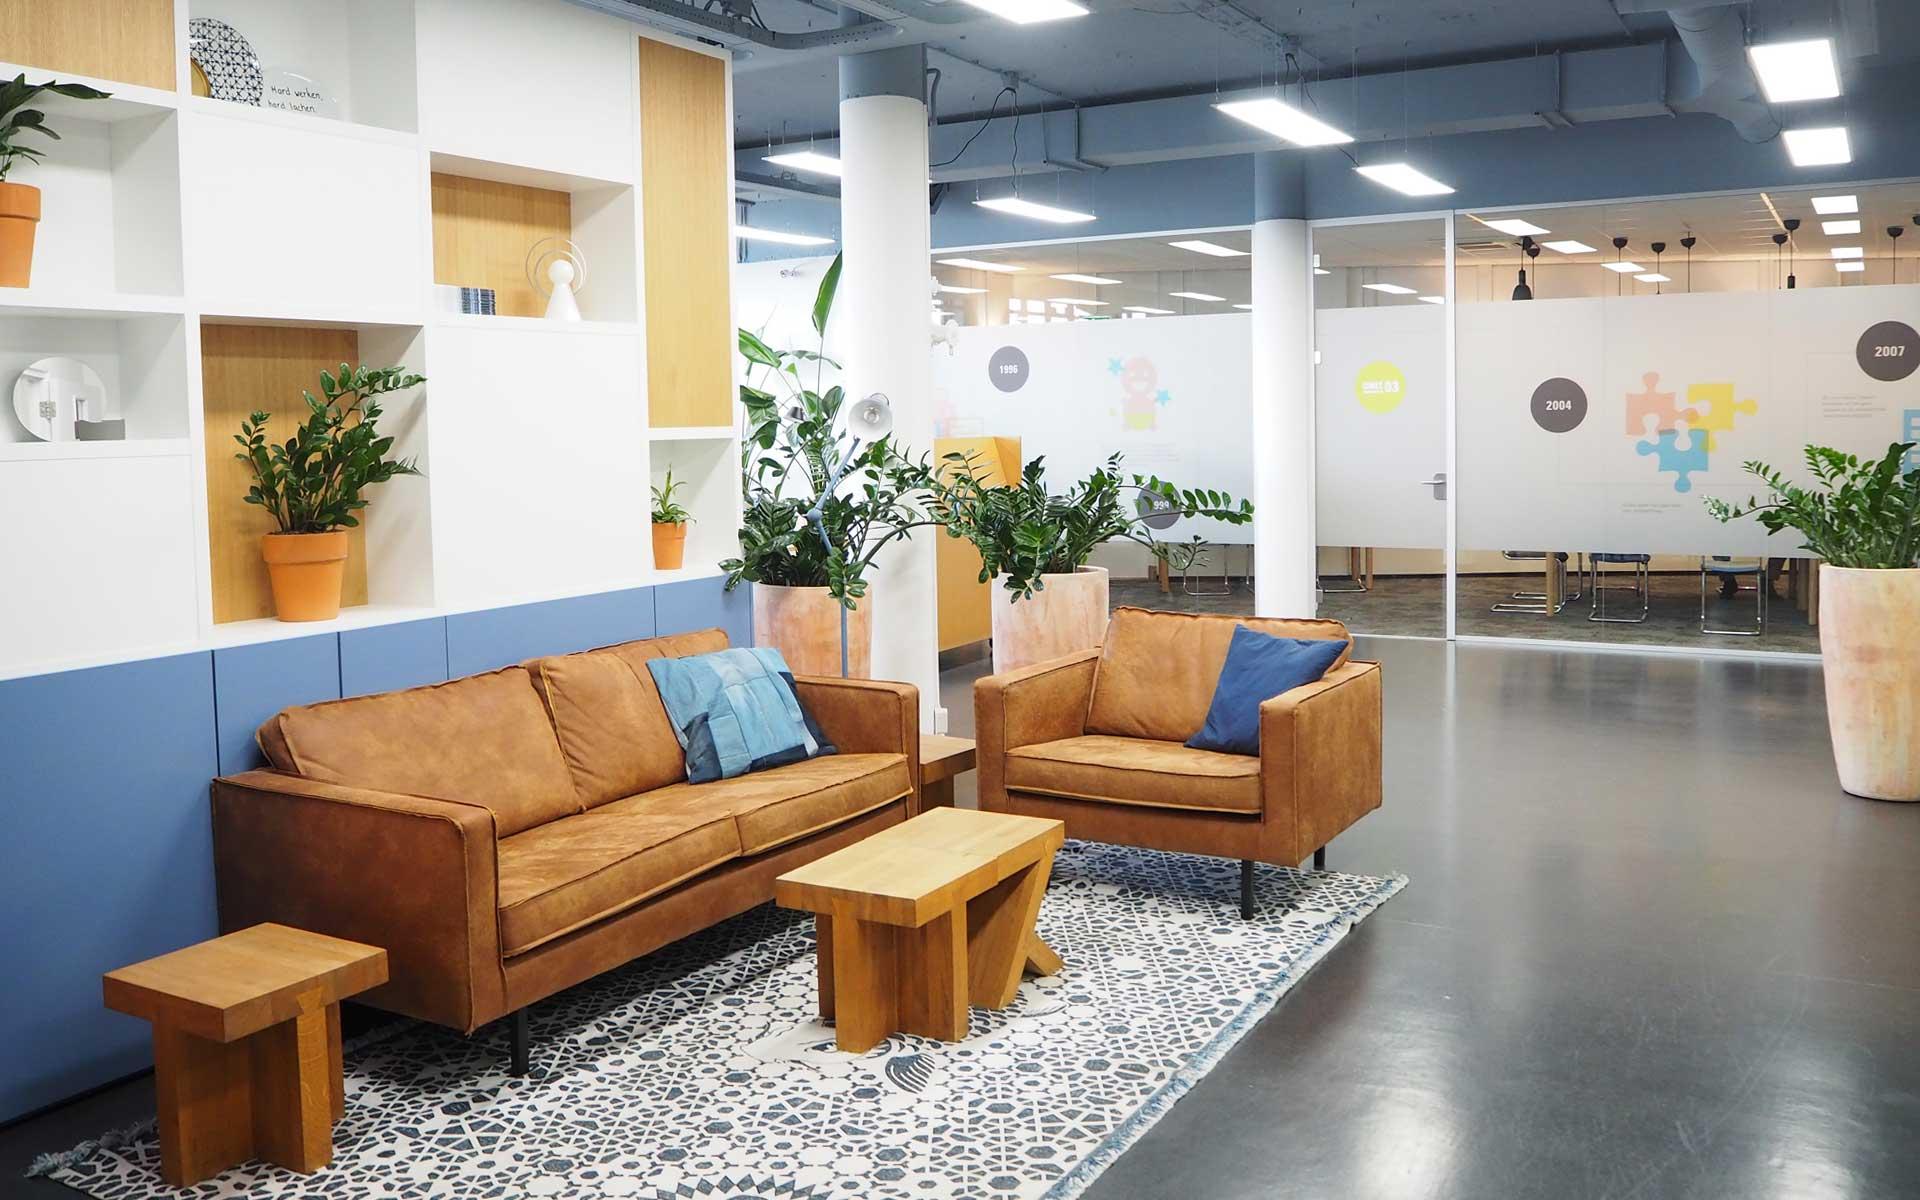 bedrijfsinrichting-loungehoek-zithoek-stoere-bank